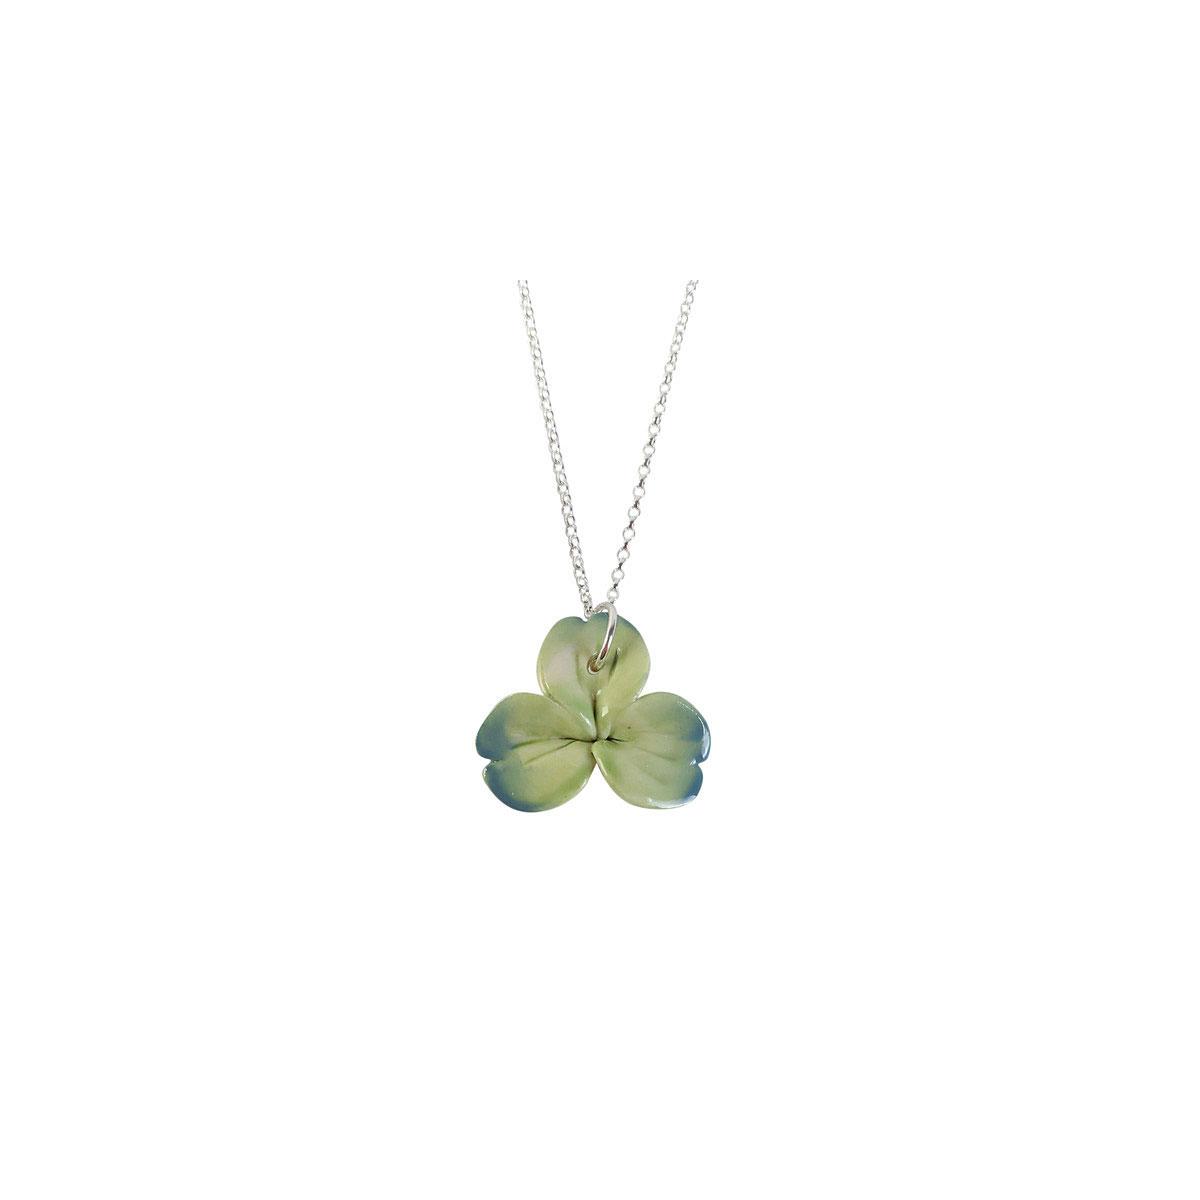 Belleek Porcelain Jewelry Shamrock Necklace Green